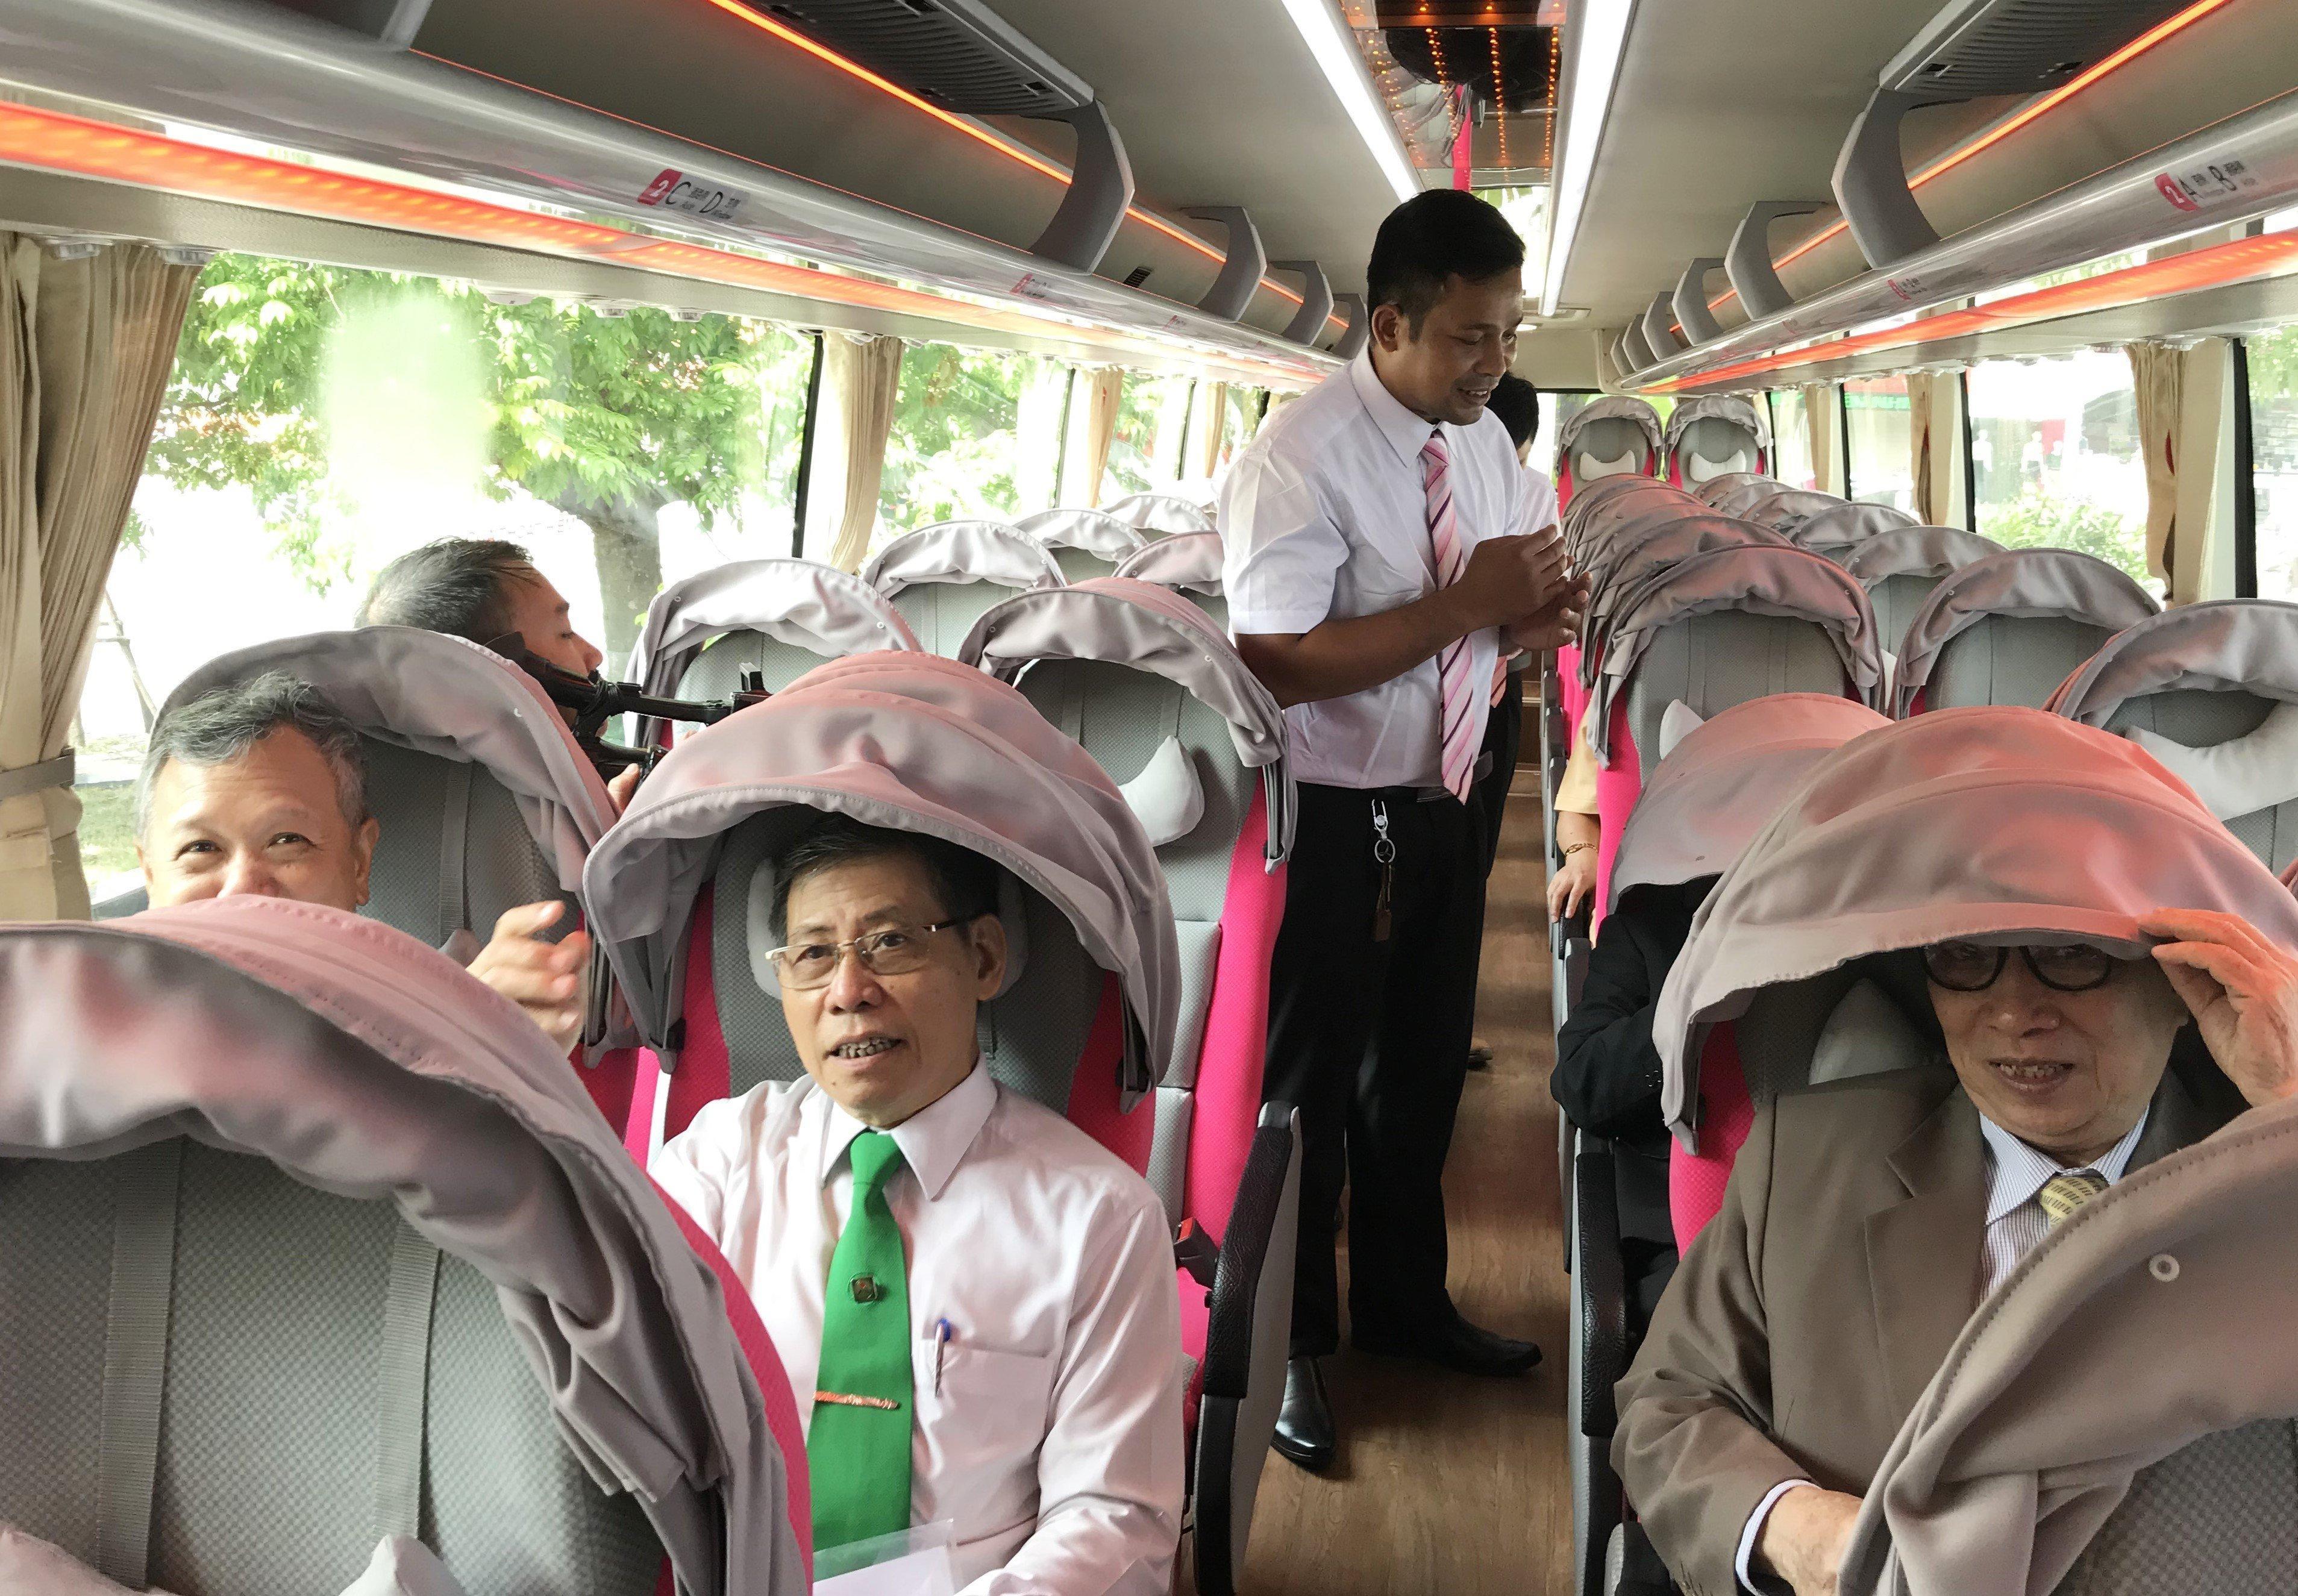 Ra mắt xe khách tuyến Hà Nội - Thanh Hóa theo chuẩn dịch vụ Nhật Bản Ảnh 1